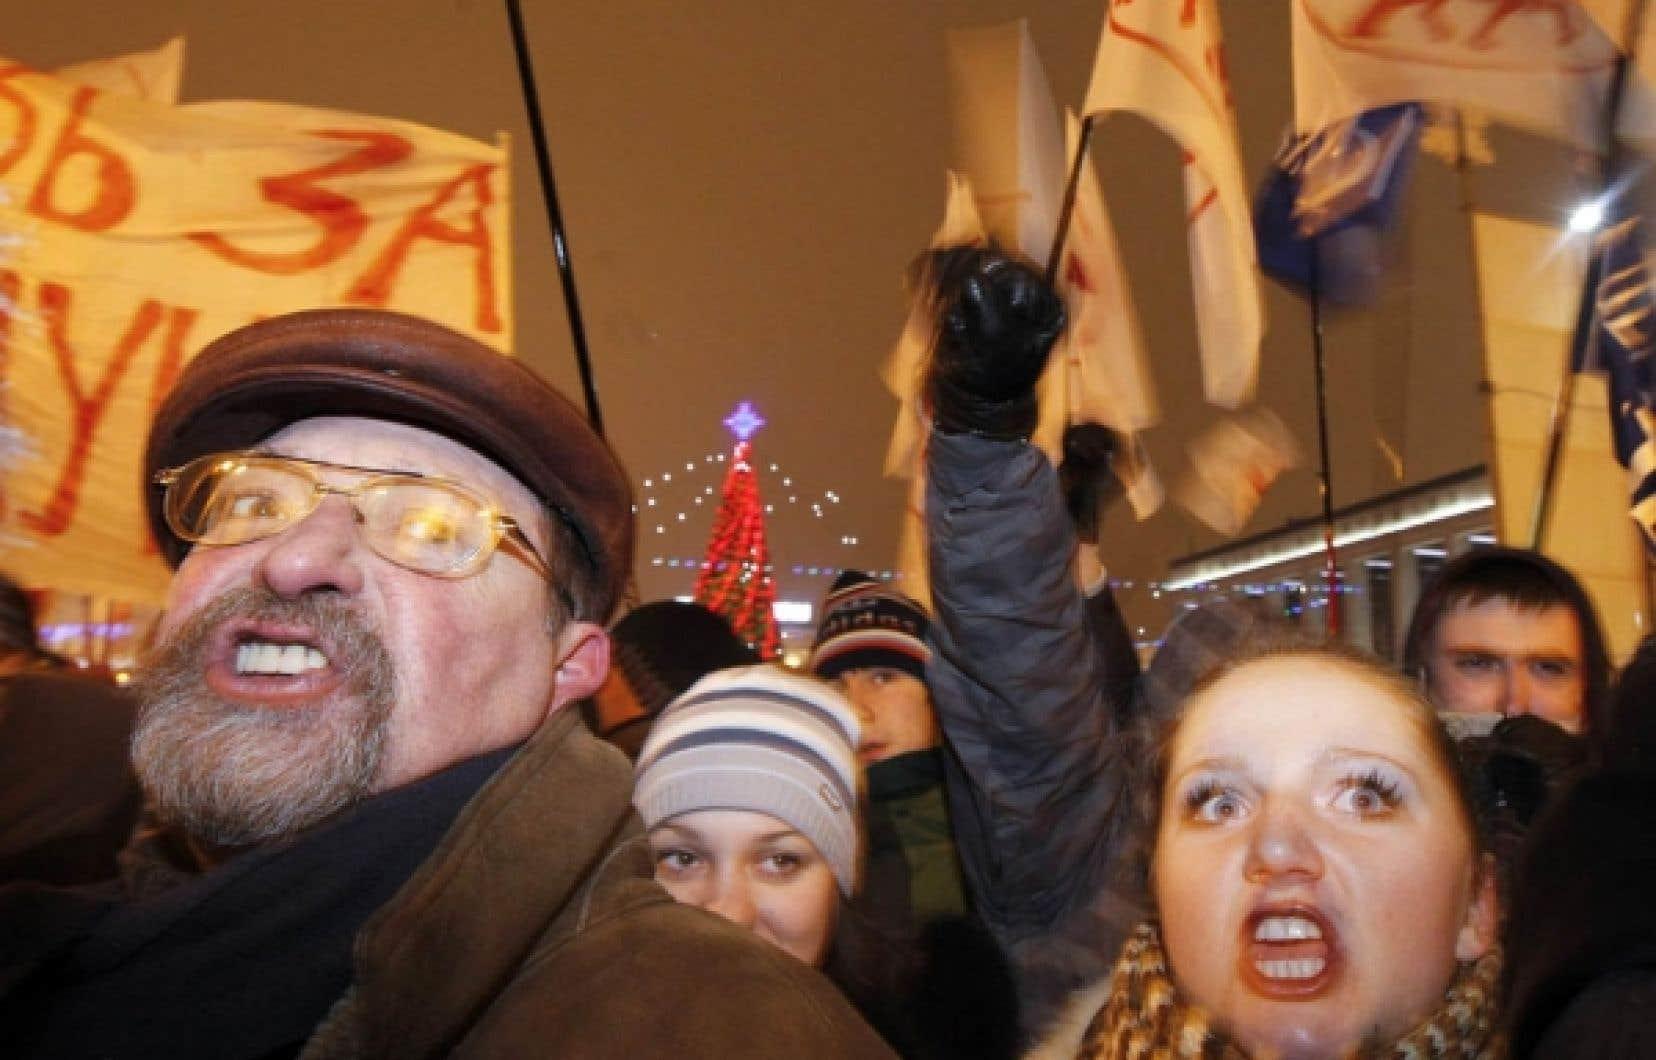 Des milliers de Biélorusses ont manifesté hier soir à Minsk, la capitale, contre la réélection d'Alexandre Loukachenko, qualifié de «dernier dictateur d'Europe» par l'ex-président George Bush.